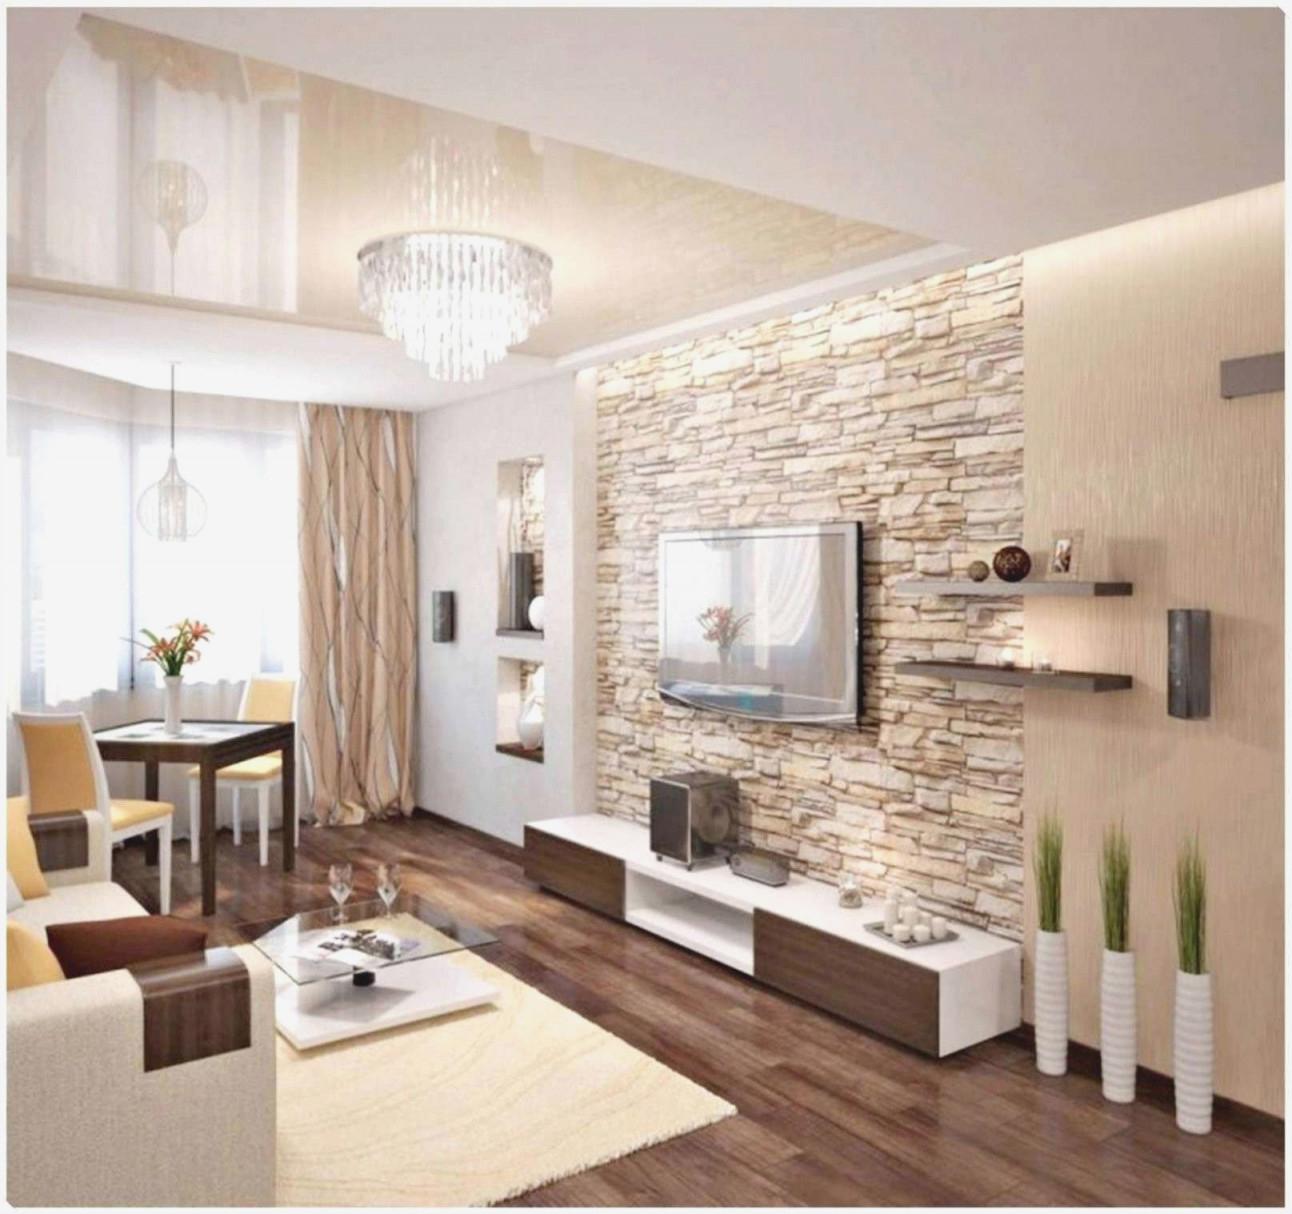 Quadratisches Wohn Esszimmer Einrichten – Caseconrad von Quadratisches Wohnzimmer Einrichten Photo